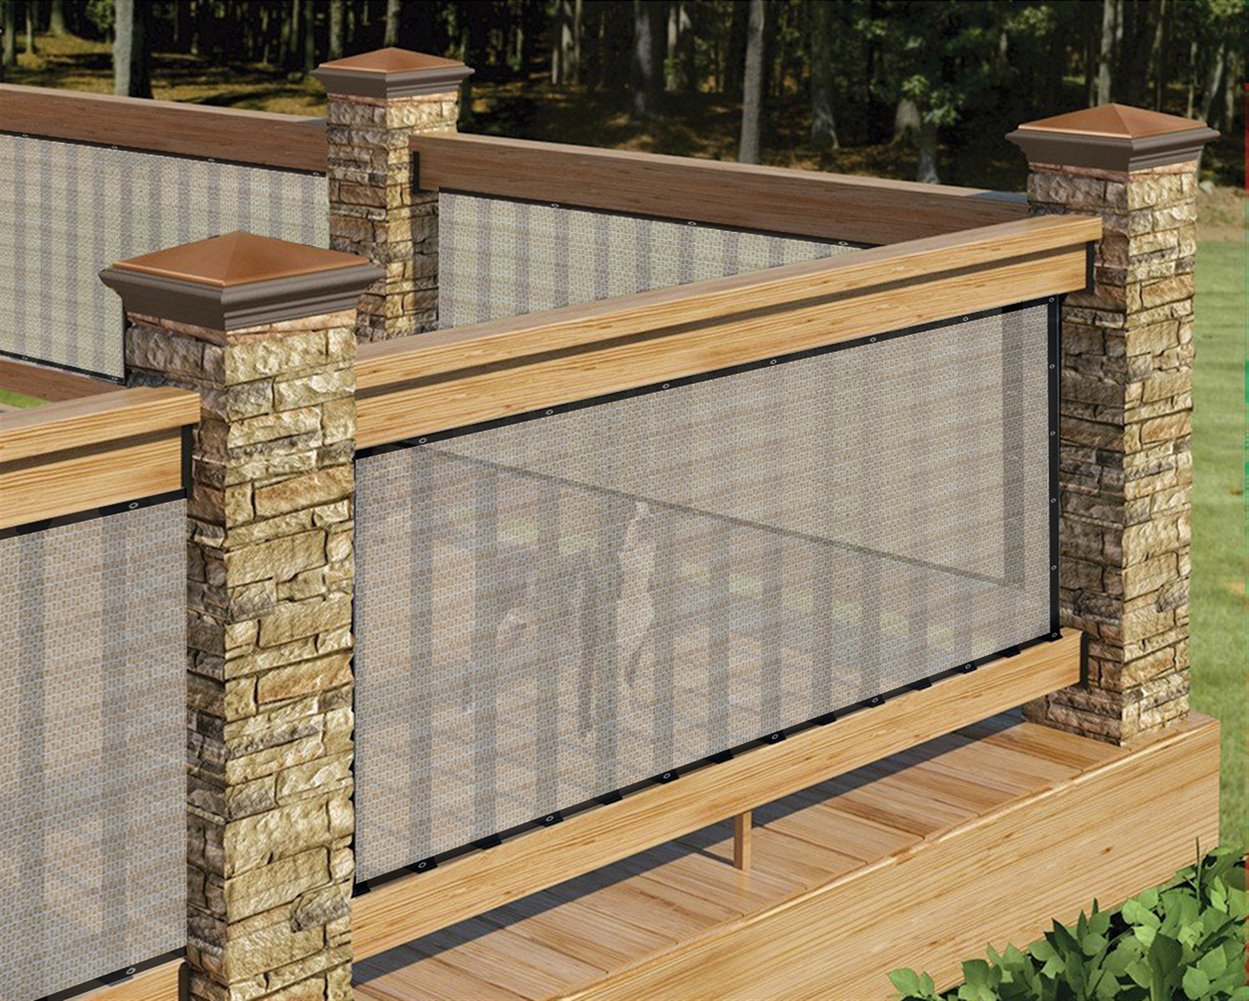 LIVEINU Frangivista e Telo Frangivento Protezione per Balconi con Occhiell Copertura per Balcone Terrazzo Giardino 75x600cm Giallo ISA-OUSL-SSK100-2-75X600cm